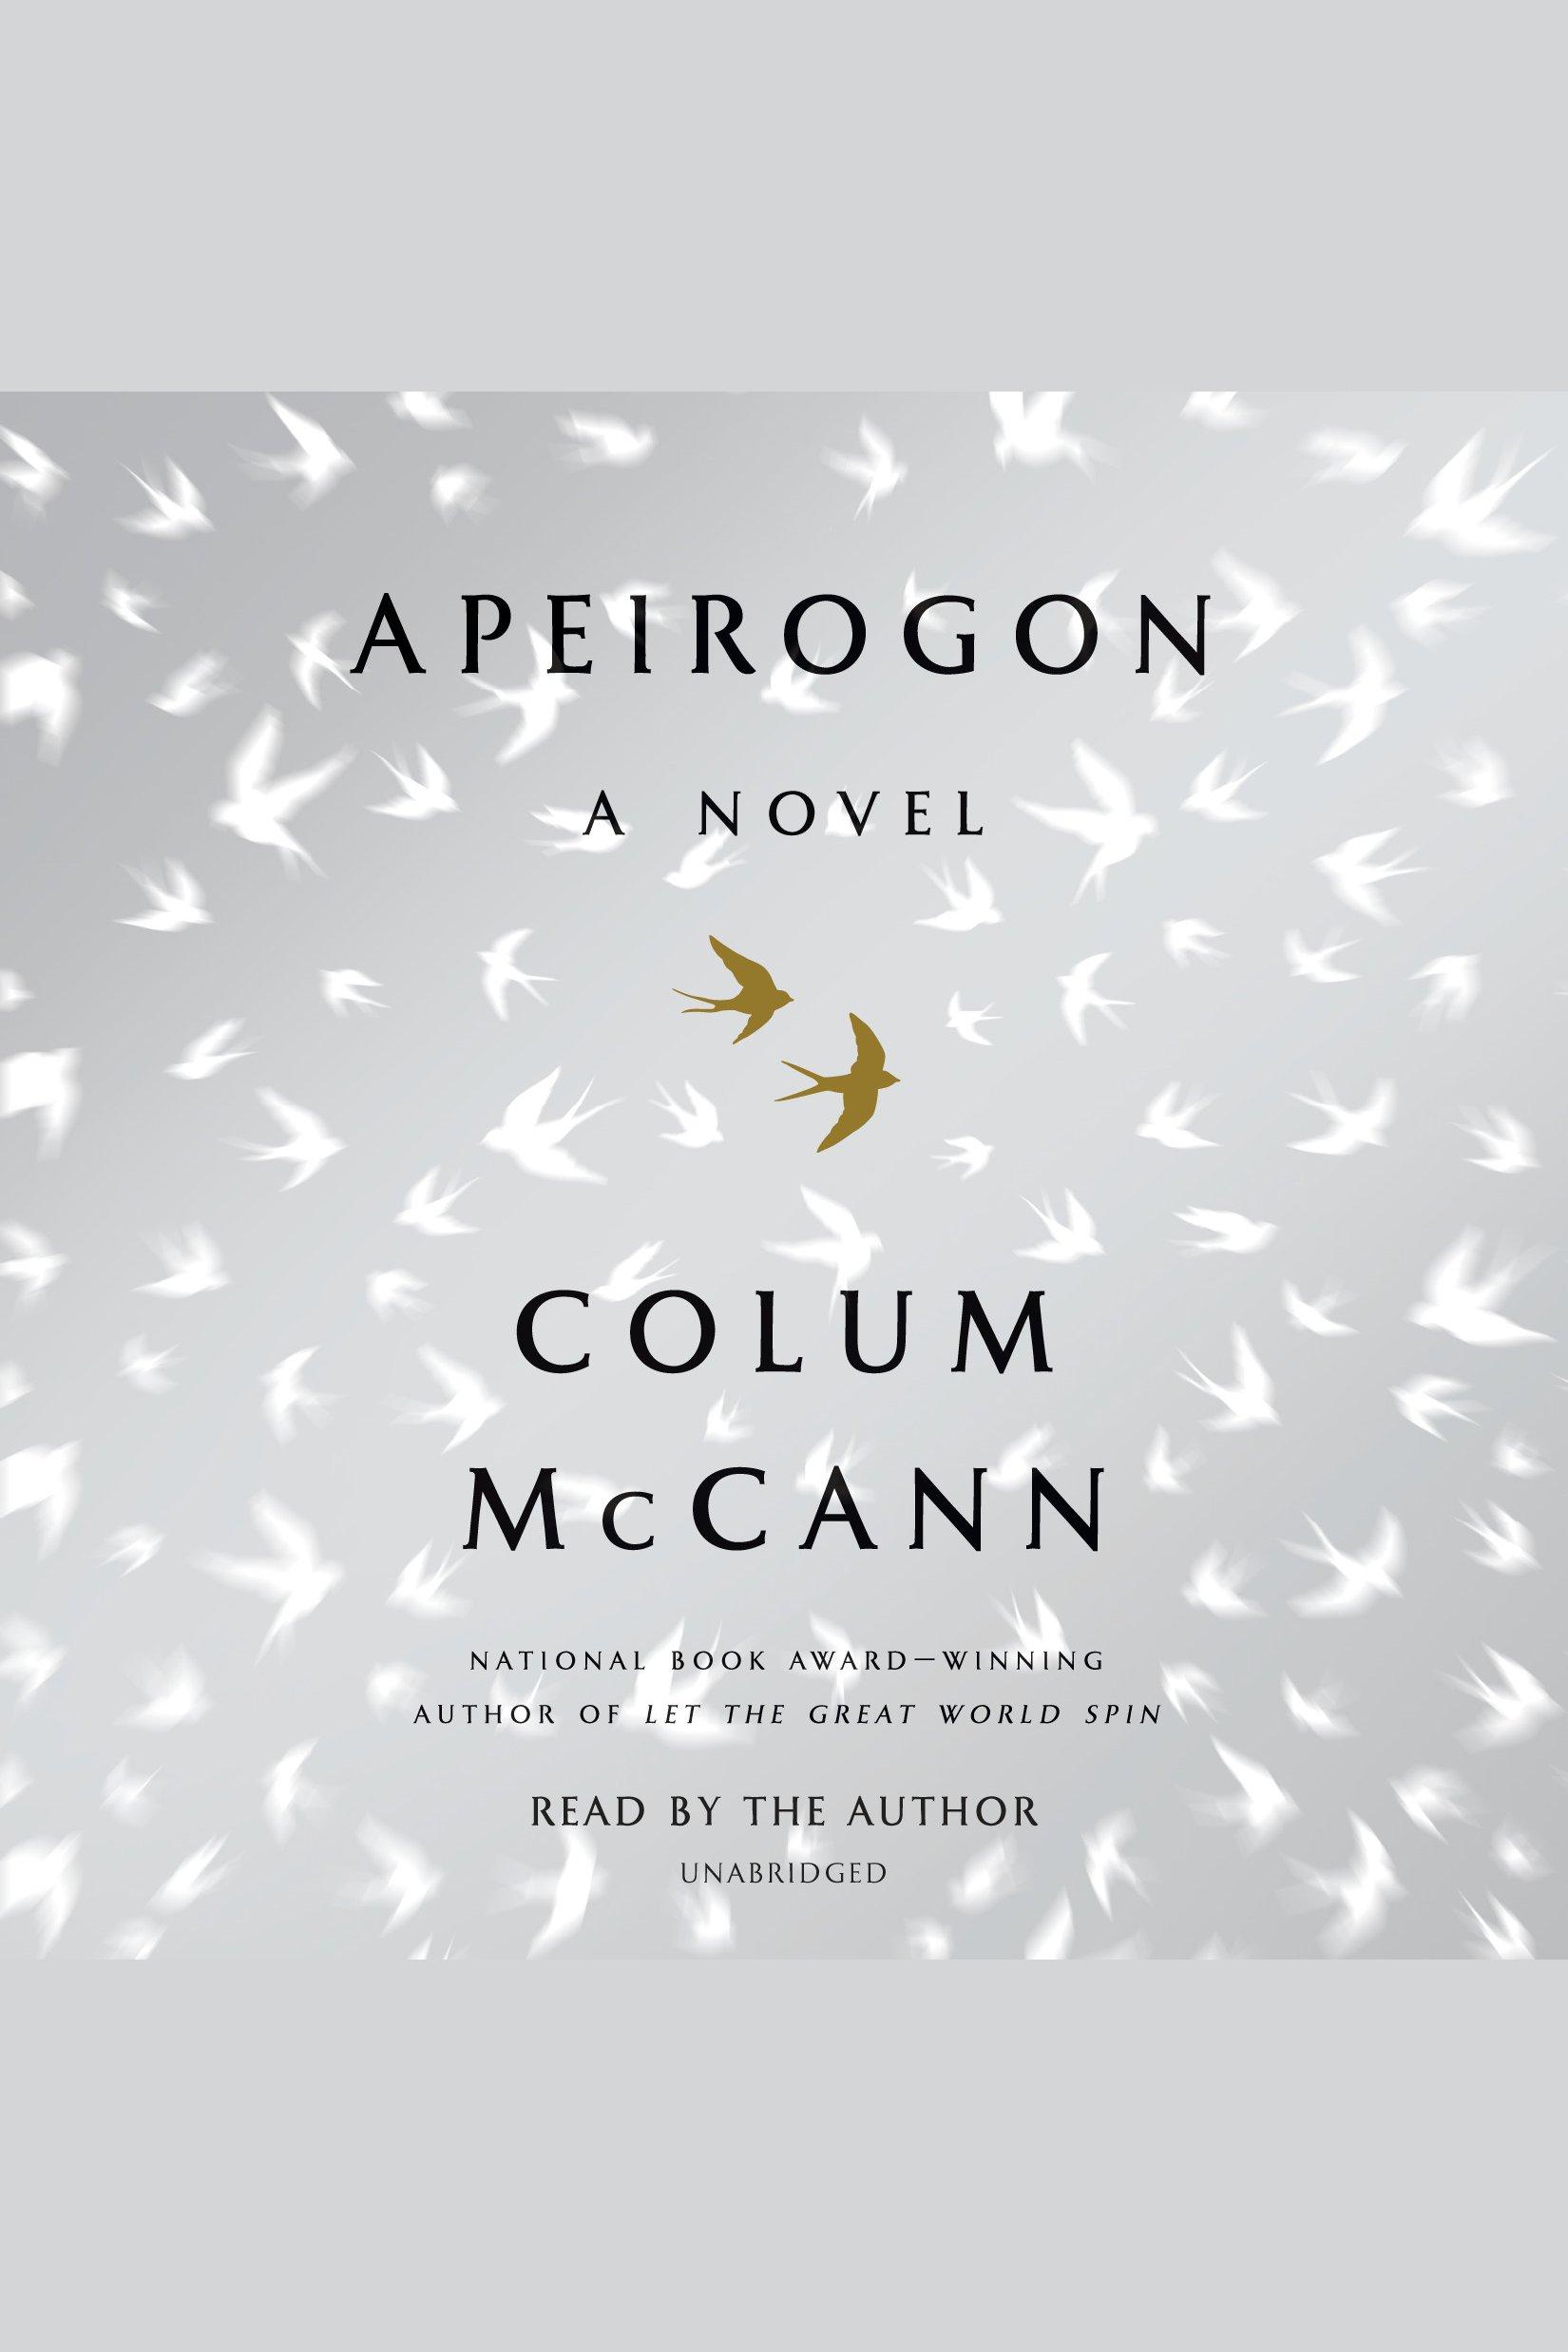 Apeirogon A Novel